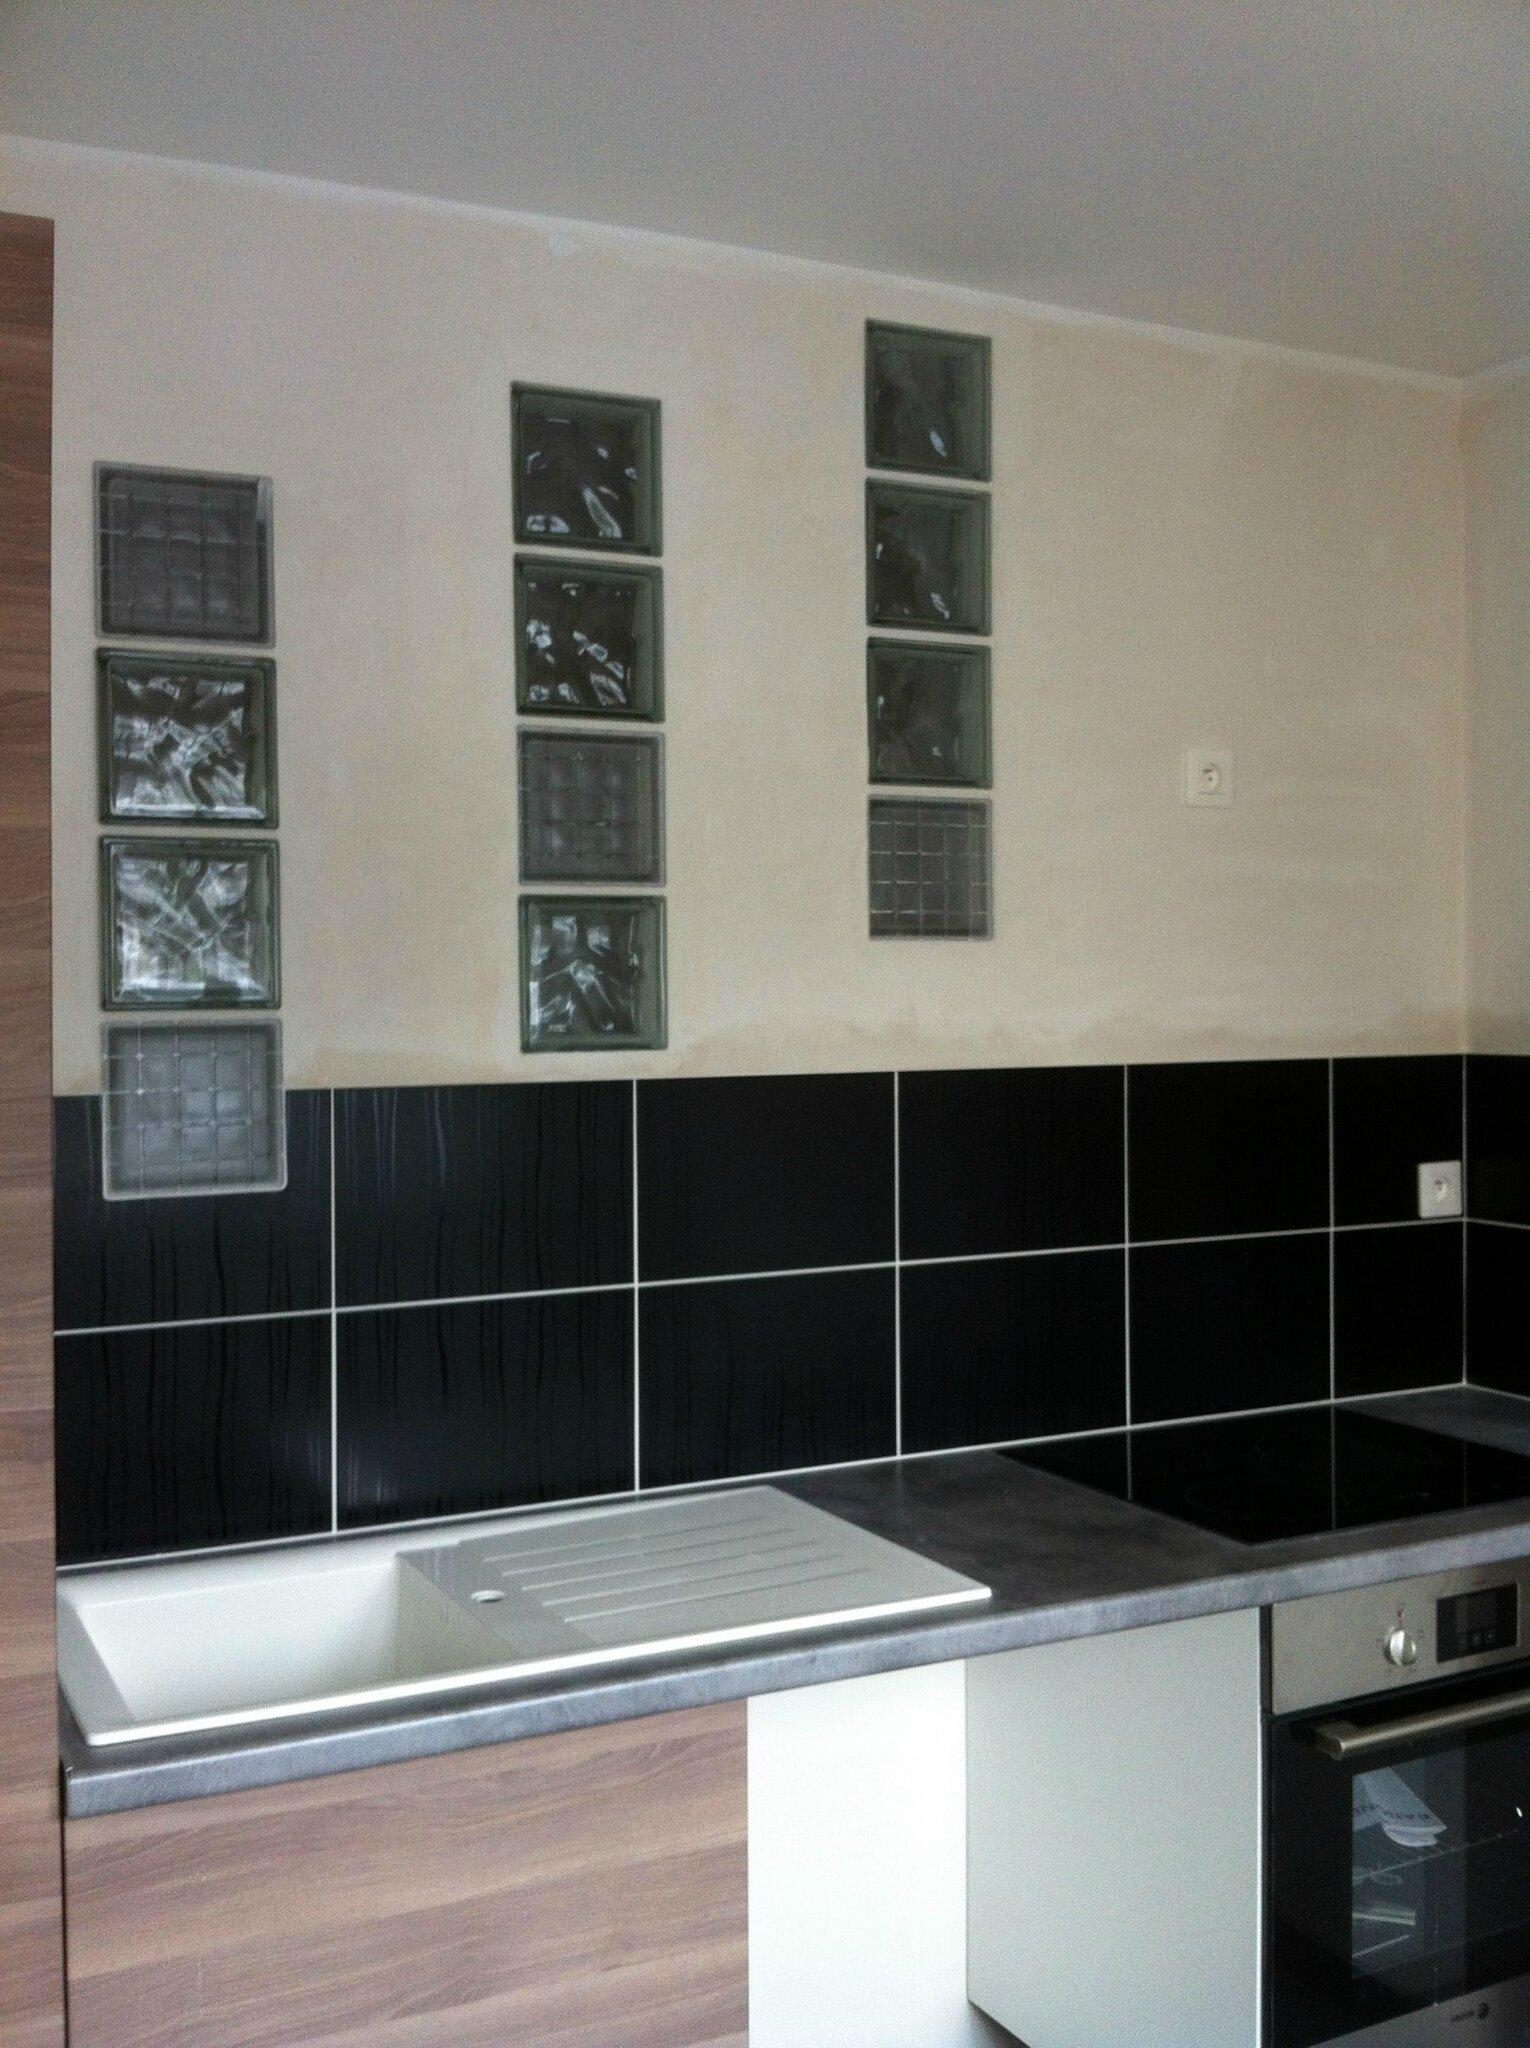 Faience Sdb Et Cuisine Bel Home Services Philippe Bellomet Carreleur 44620 La Montagne